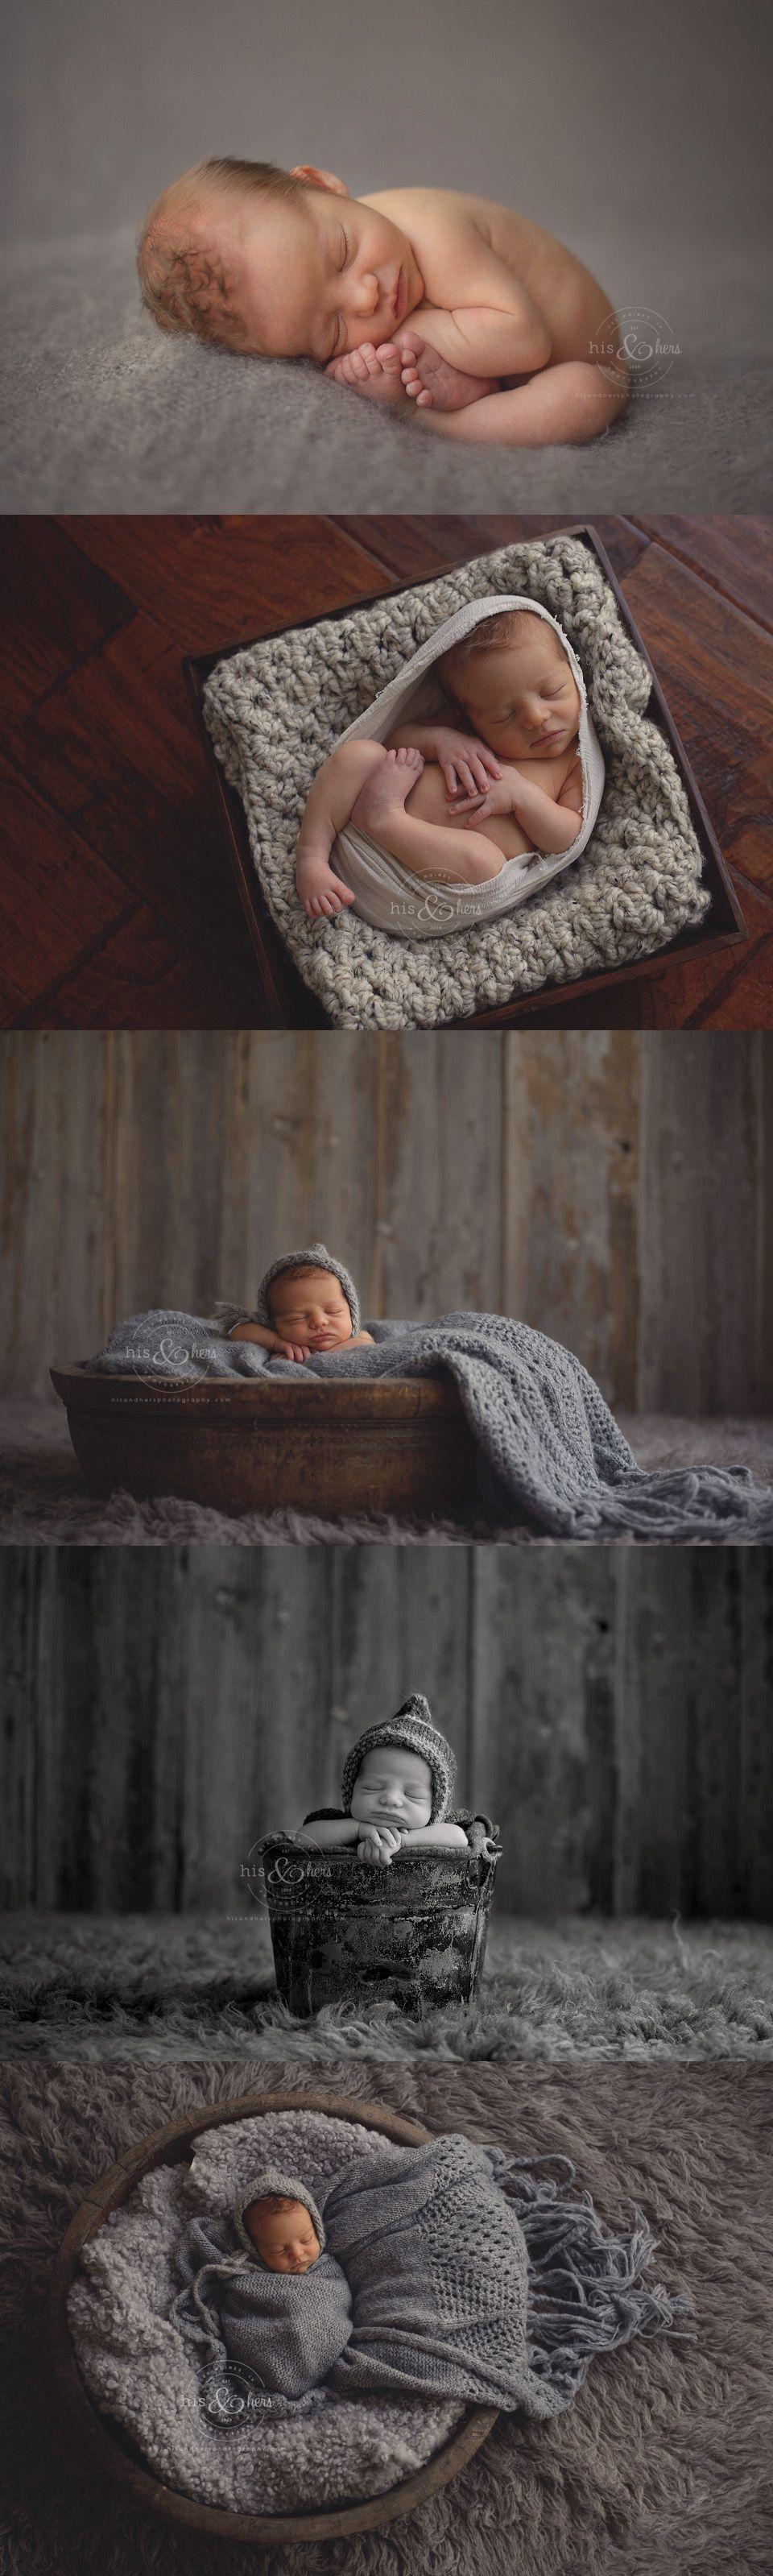 iowa newborn photographer des moines iowa baby pictures portraits des moines iowa photography studio